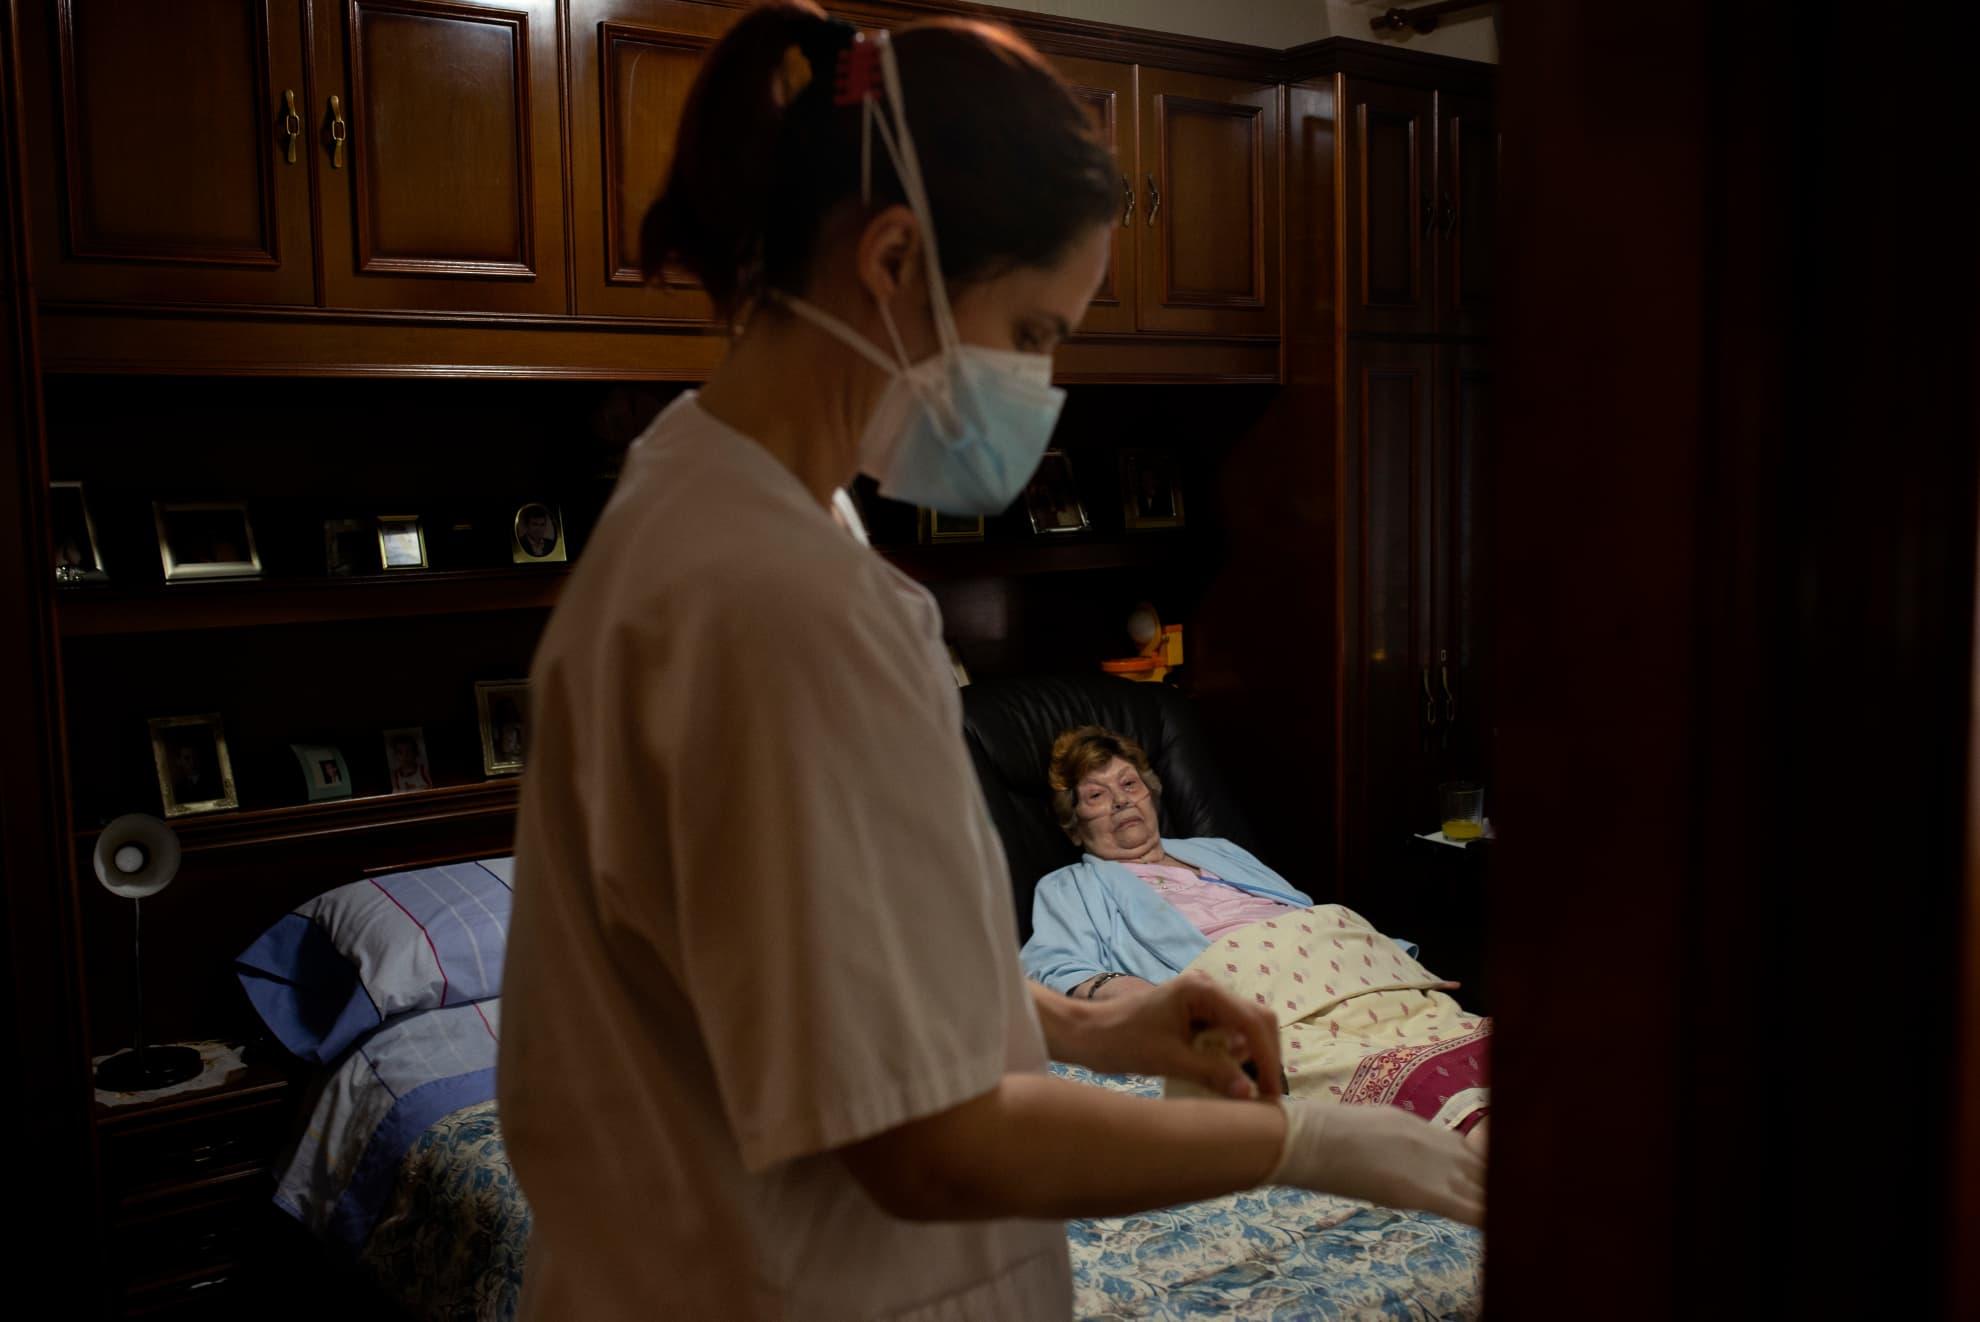 Andrea es enfermera y visita a Juliana para hacerle una cura. Desde el Centro de salud Arrabal se intenta atender a todas las personas mayores en su domicilio para que no tengan que salir de casa y exponerse a posibles contagios. Zaragoza, Aragón.